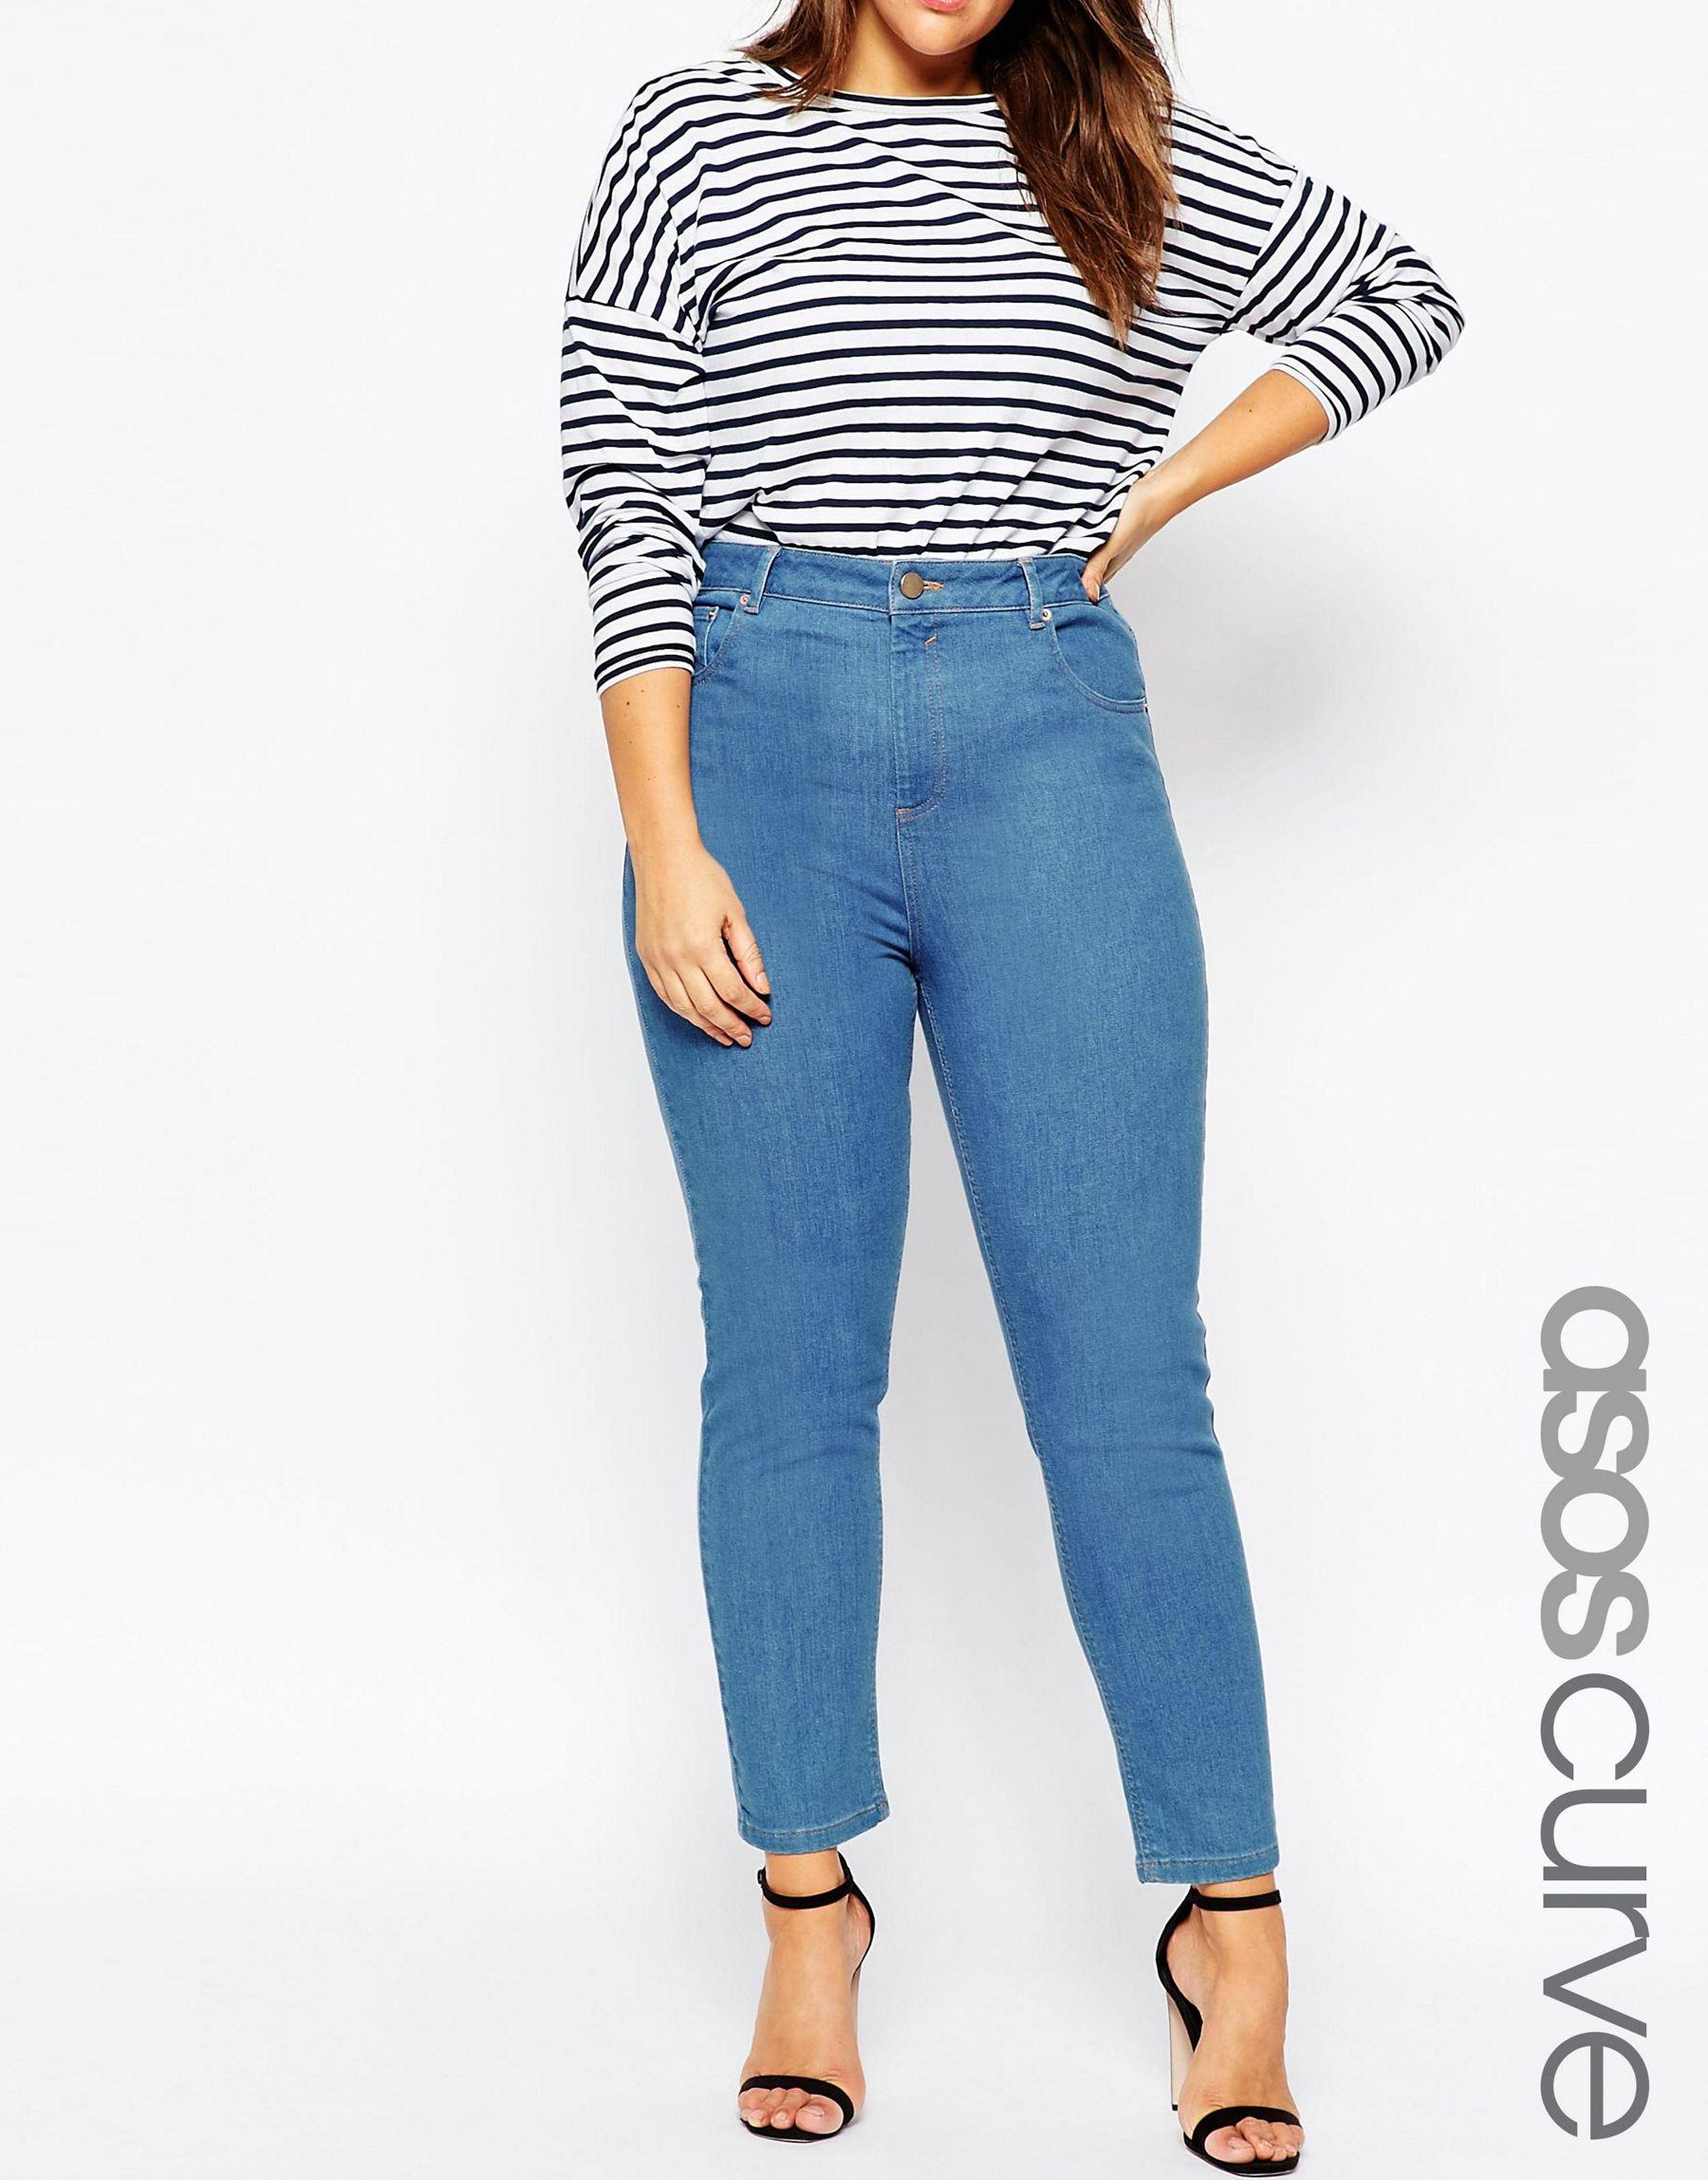 28a94ce622a Lyst - ASOS Farleigh High Waist Slim Mom Jeans In Junior 70 s Blue ...